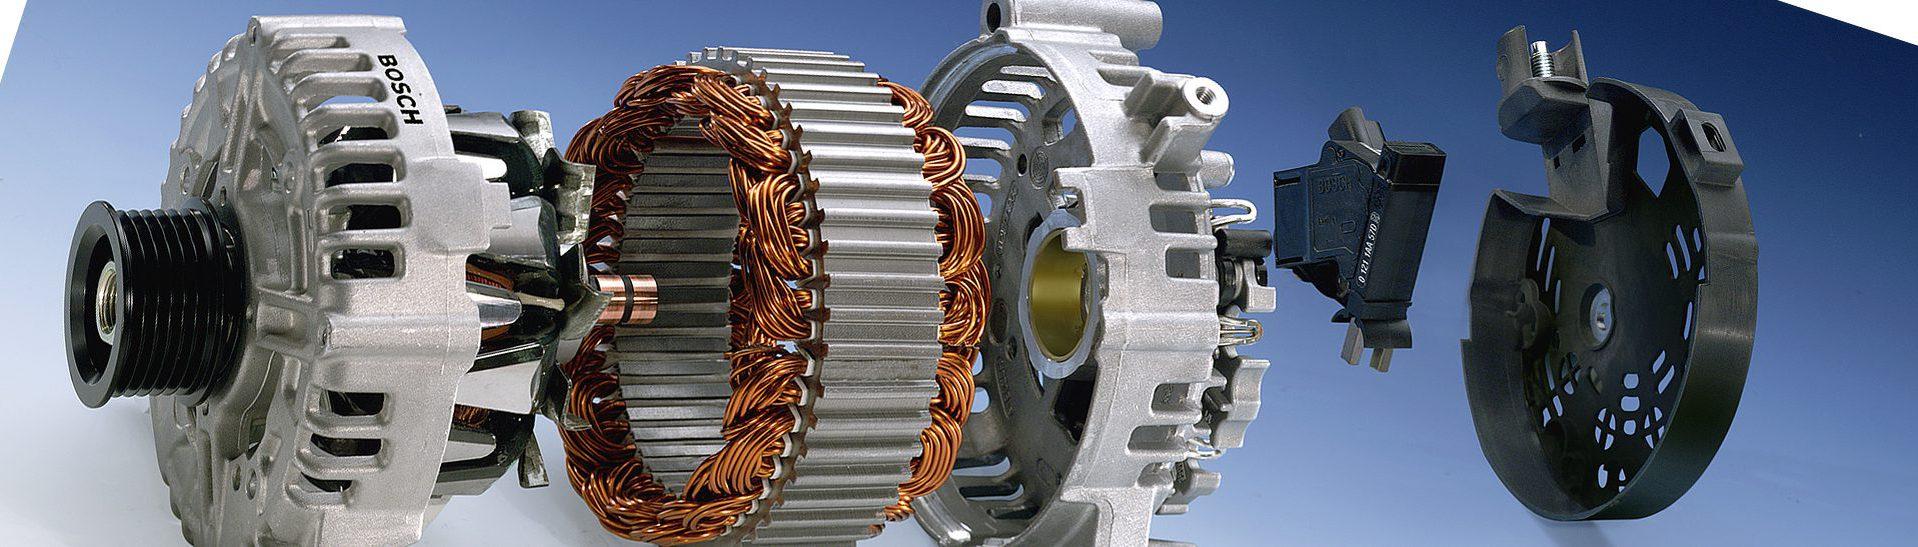 <p>Выполним работу по ремонту стартера или генератора в день обращения. Оперативно и качественно! Консультация. Диагностика. Акция.</p>